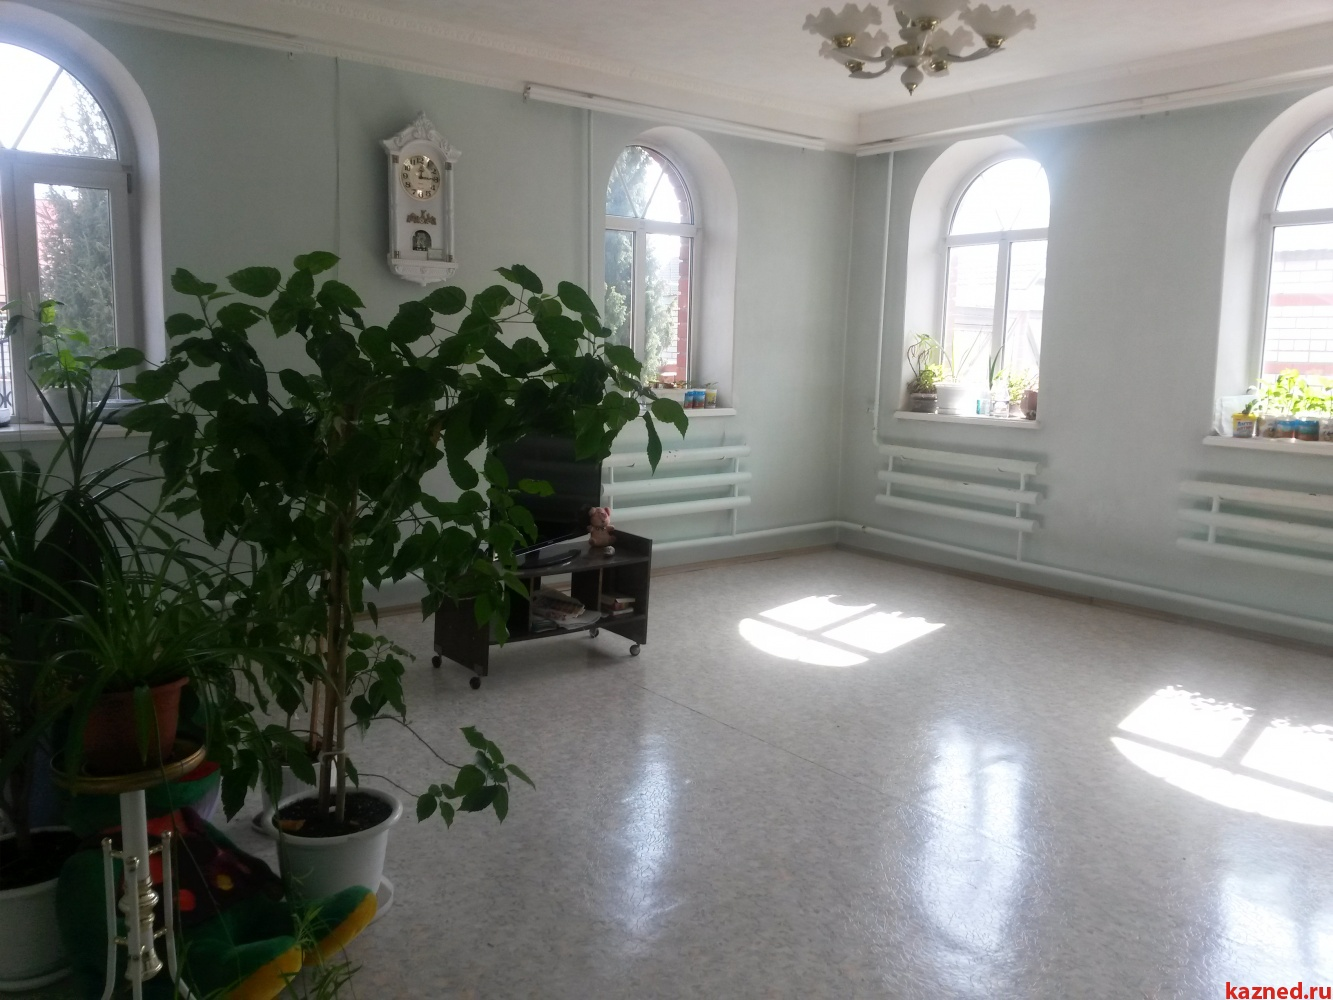 Продажа  дома Татарстан, 17, 167 м2  (миниатюра №5)